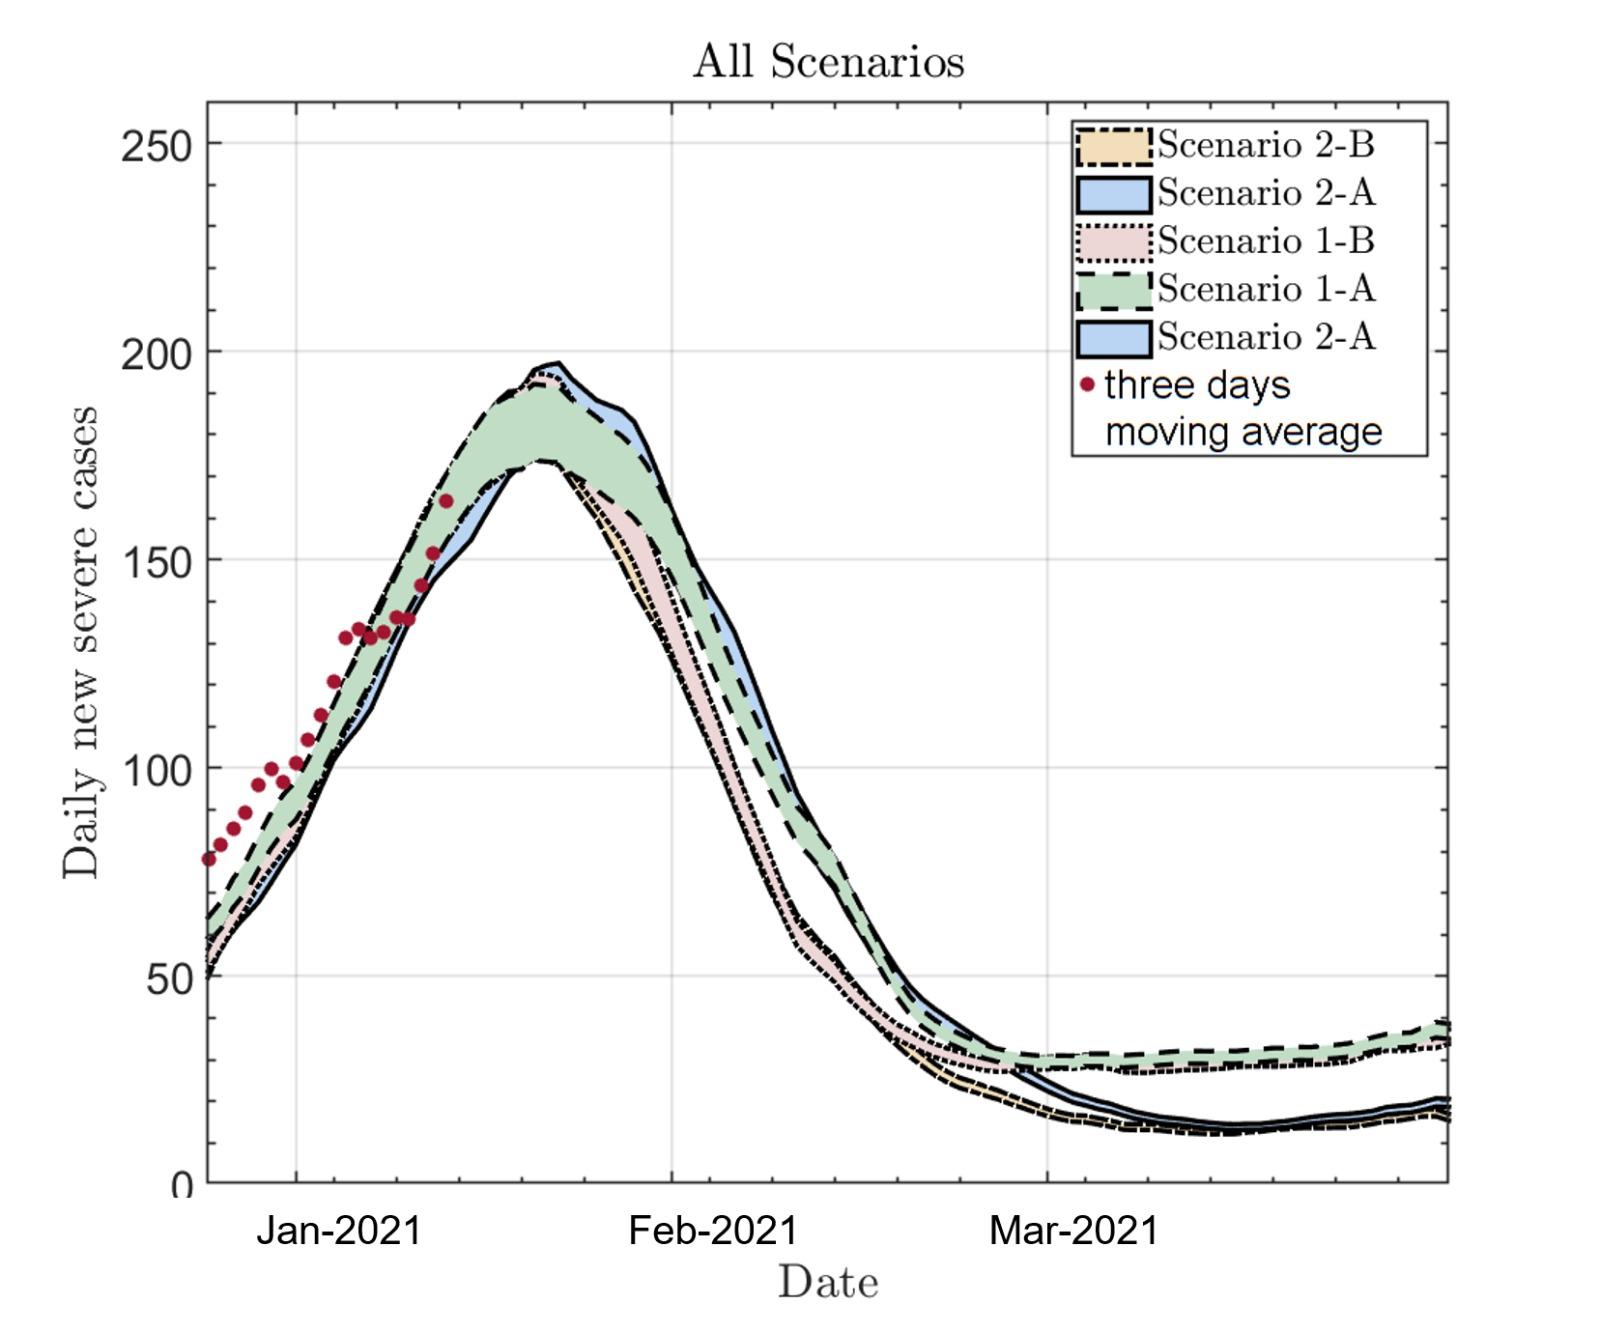 תחזית ארוכת טווח לתחלואה קשה יומית בתרחישים שונים